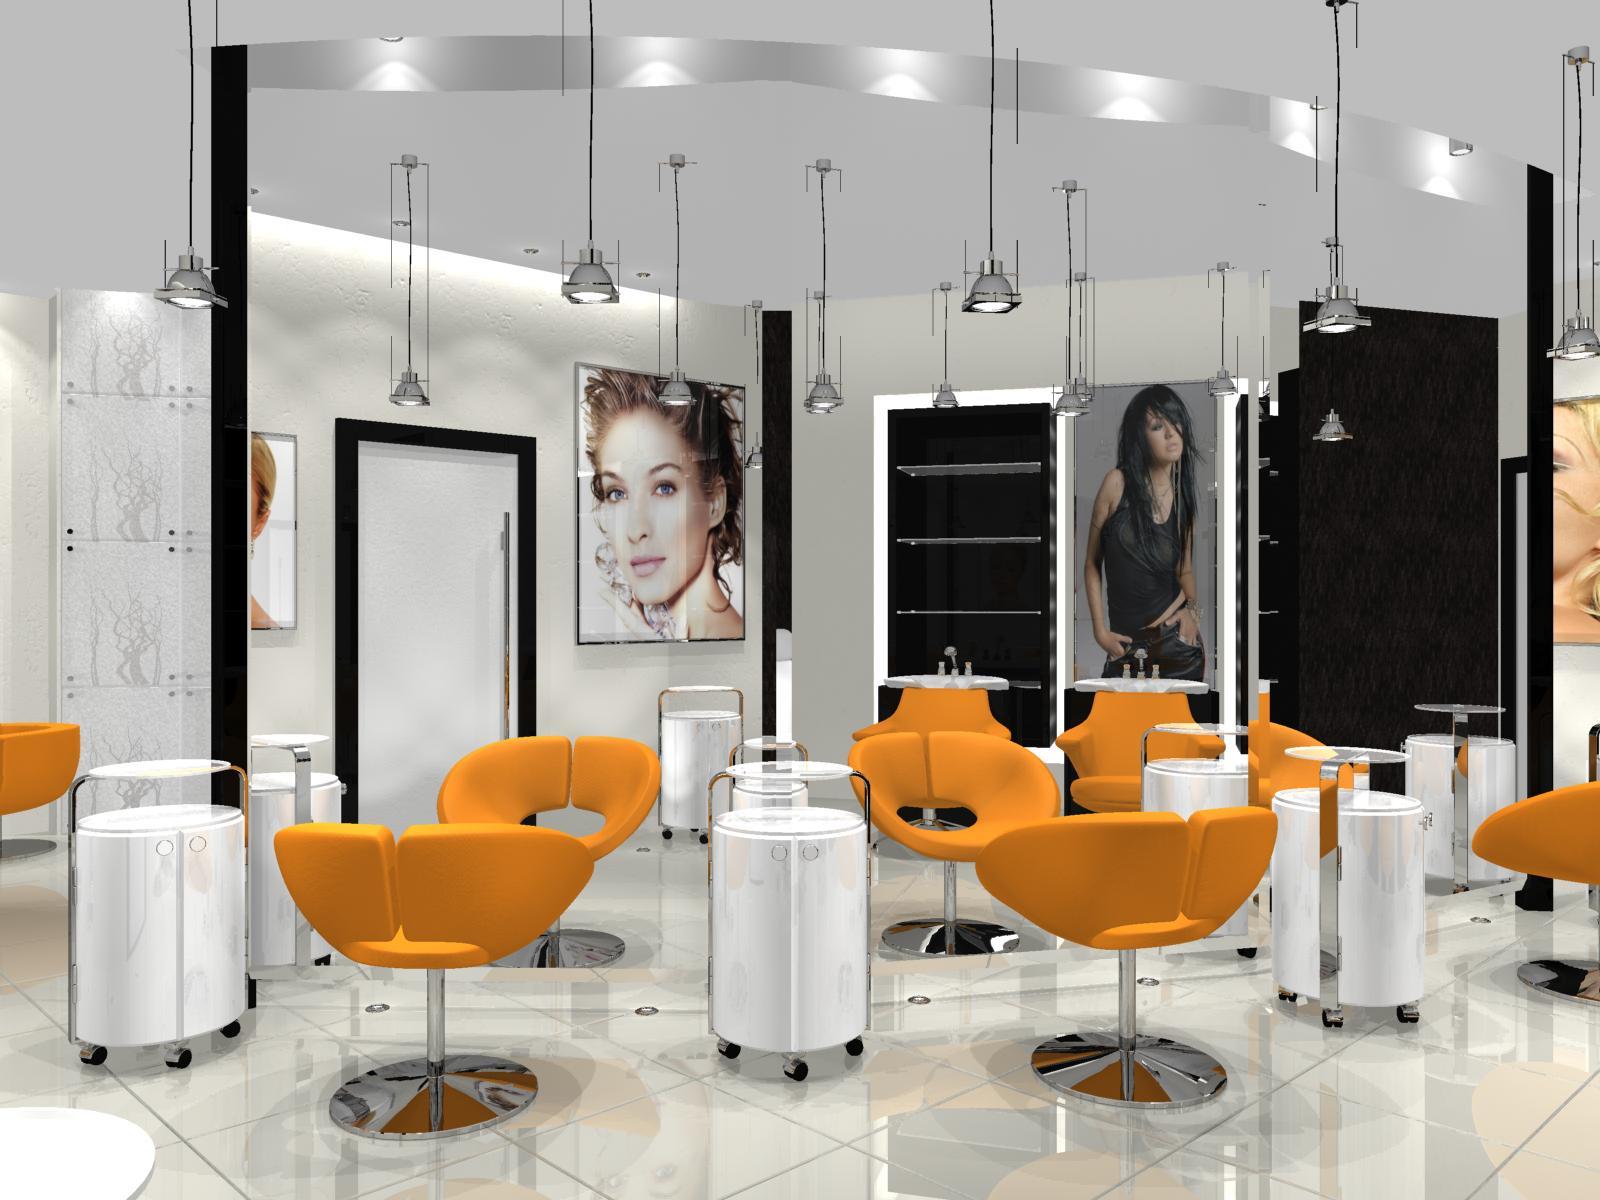 Dizajn salonov krasoty interer idei